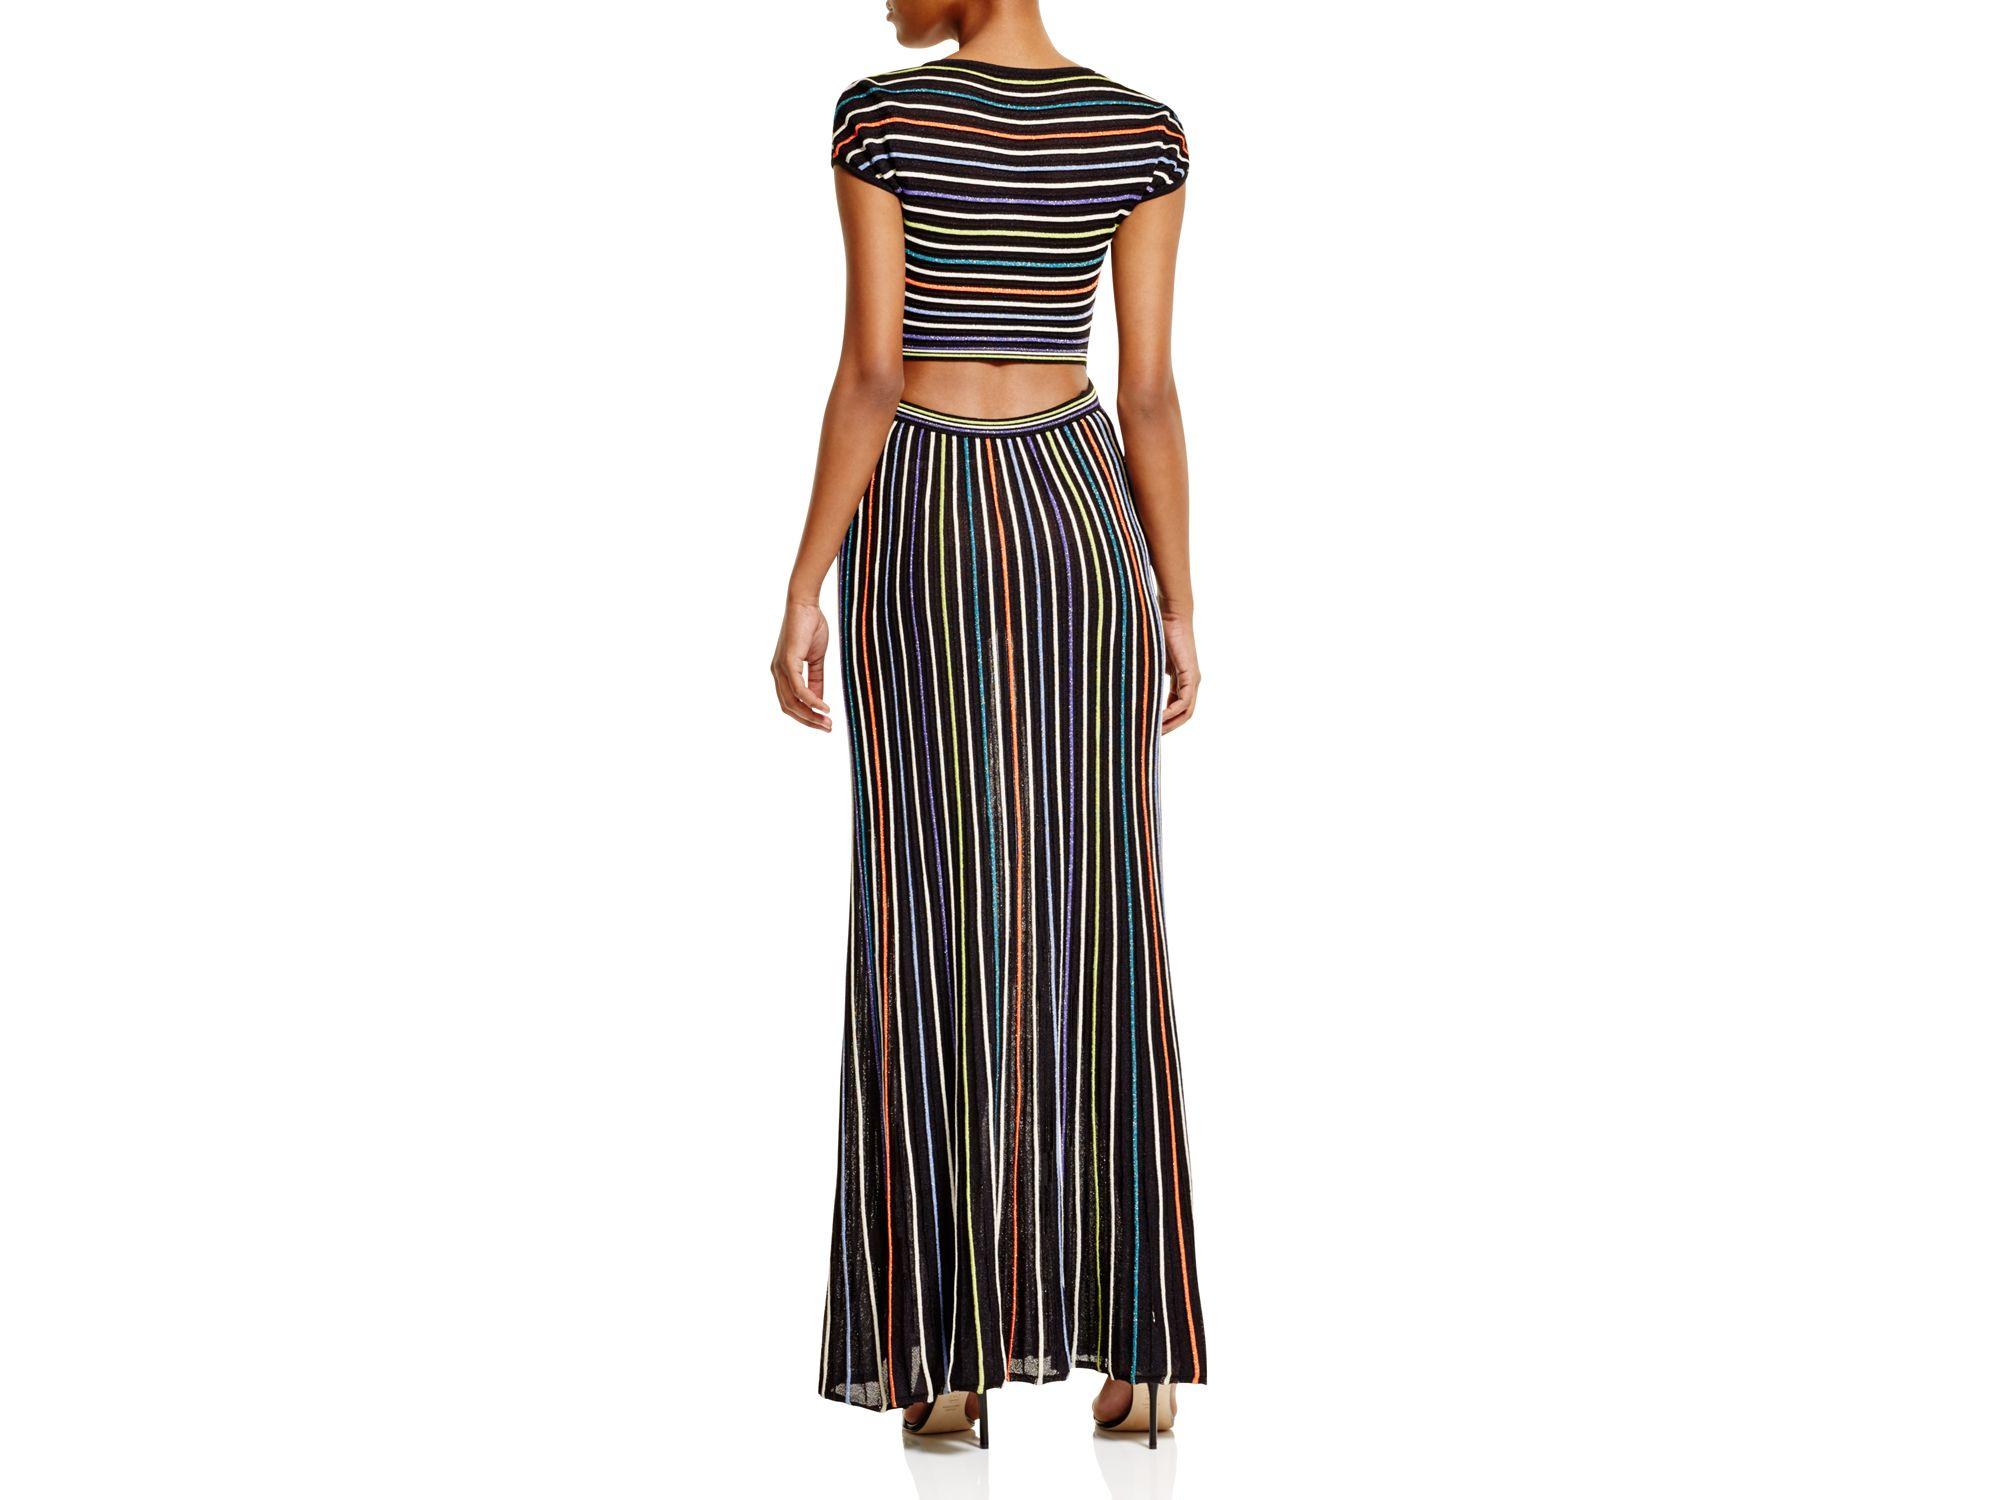 6b6e9fa40d11 Lyst - M Missoni Metallic Micro Stripe Maxi Dress in Black